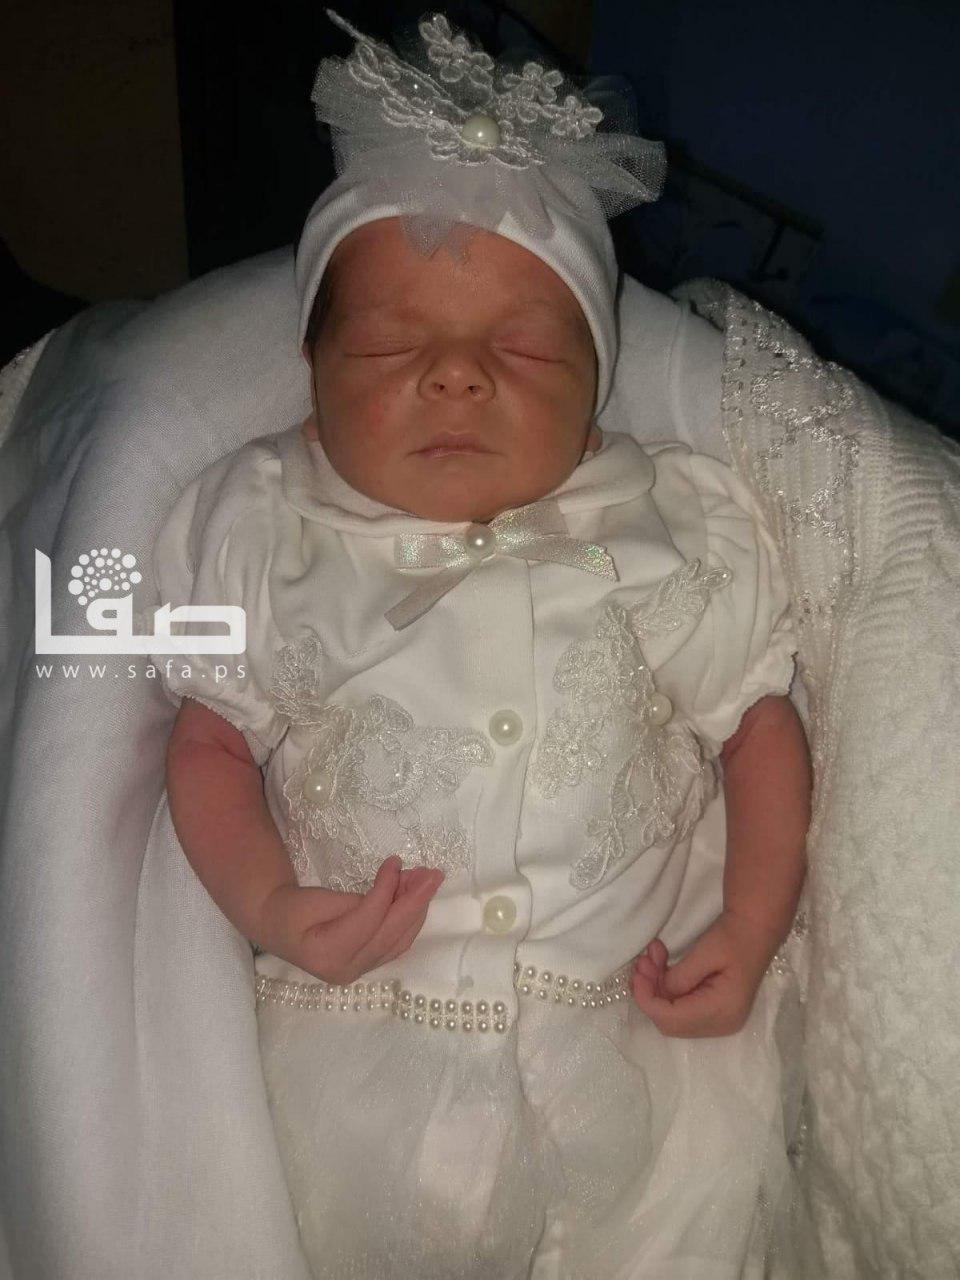 بالصور: رزان النجار تُولد من جديد في خانيونس